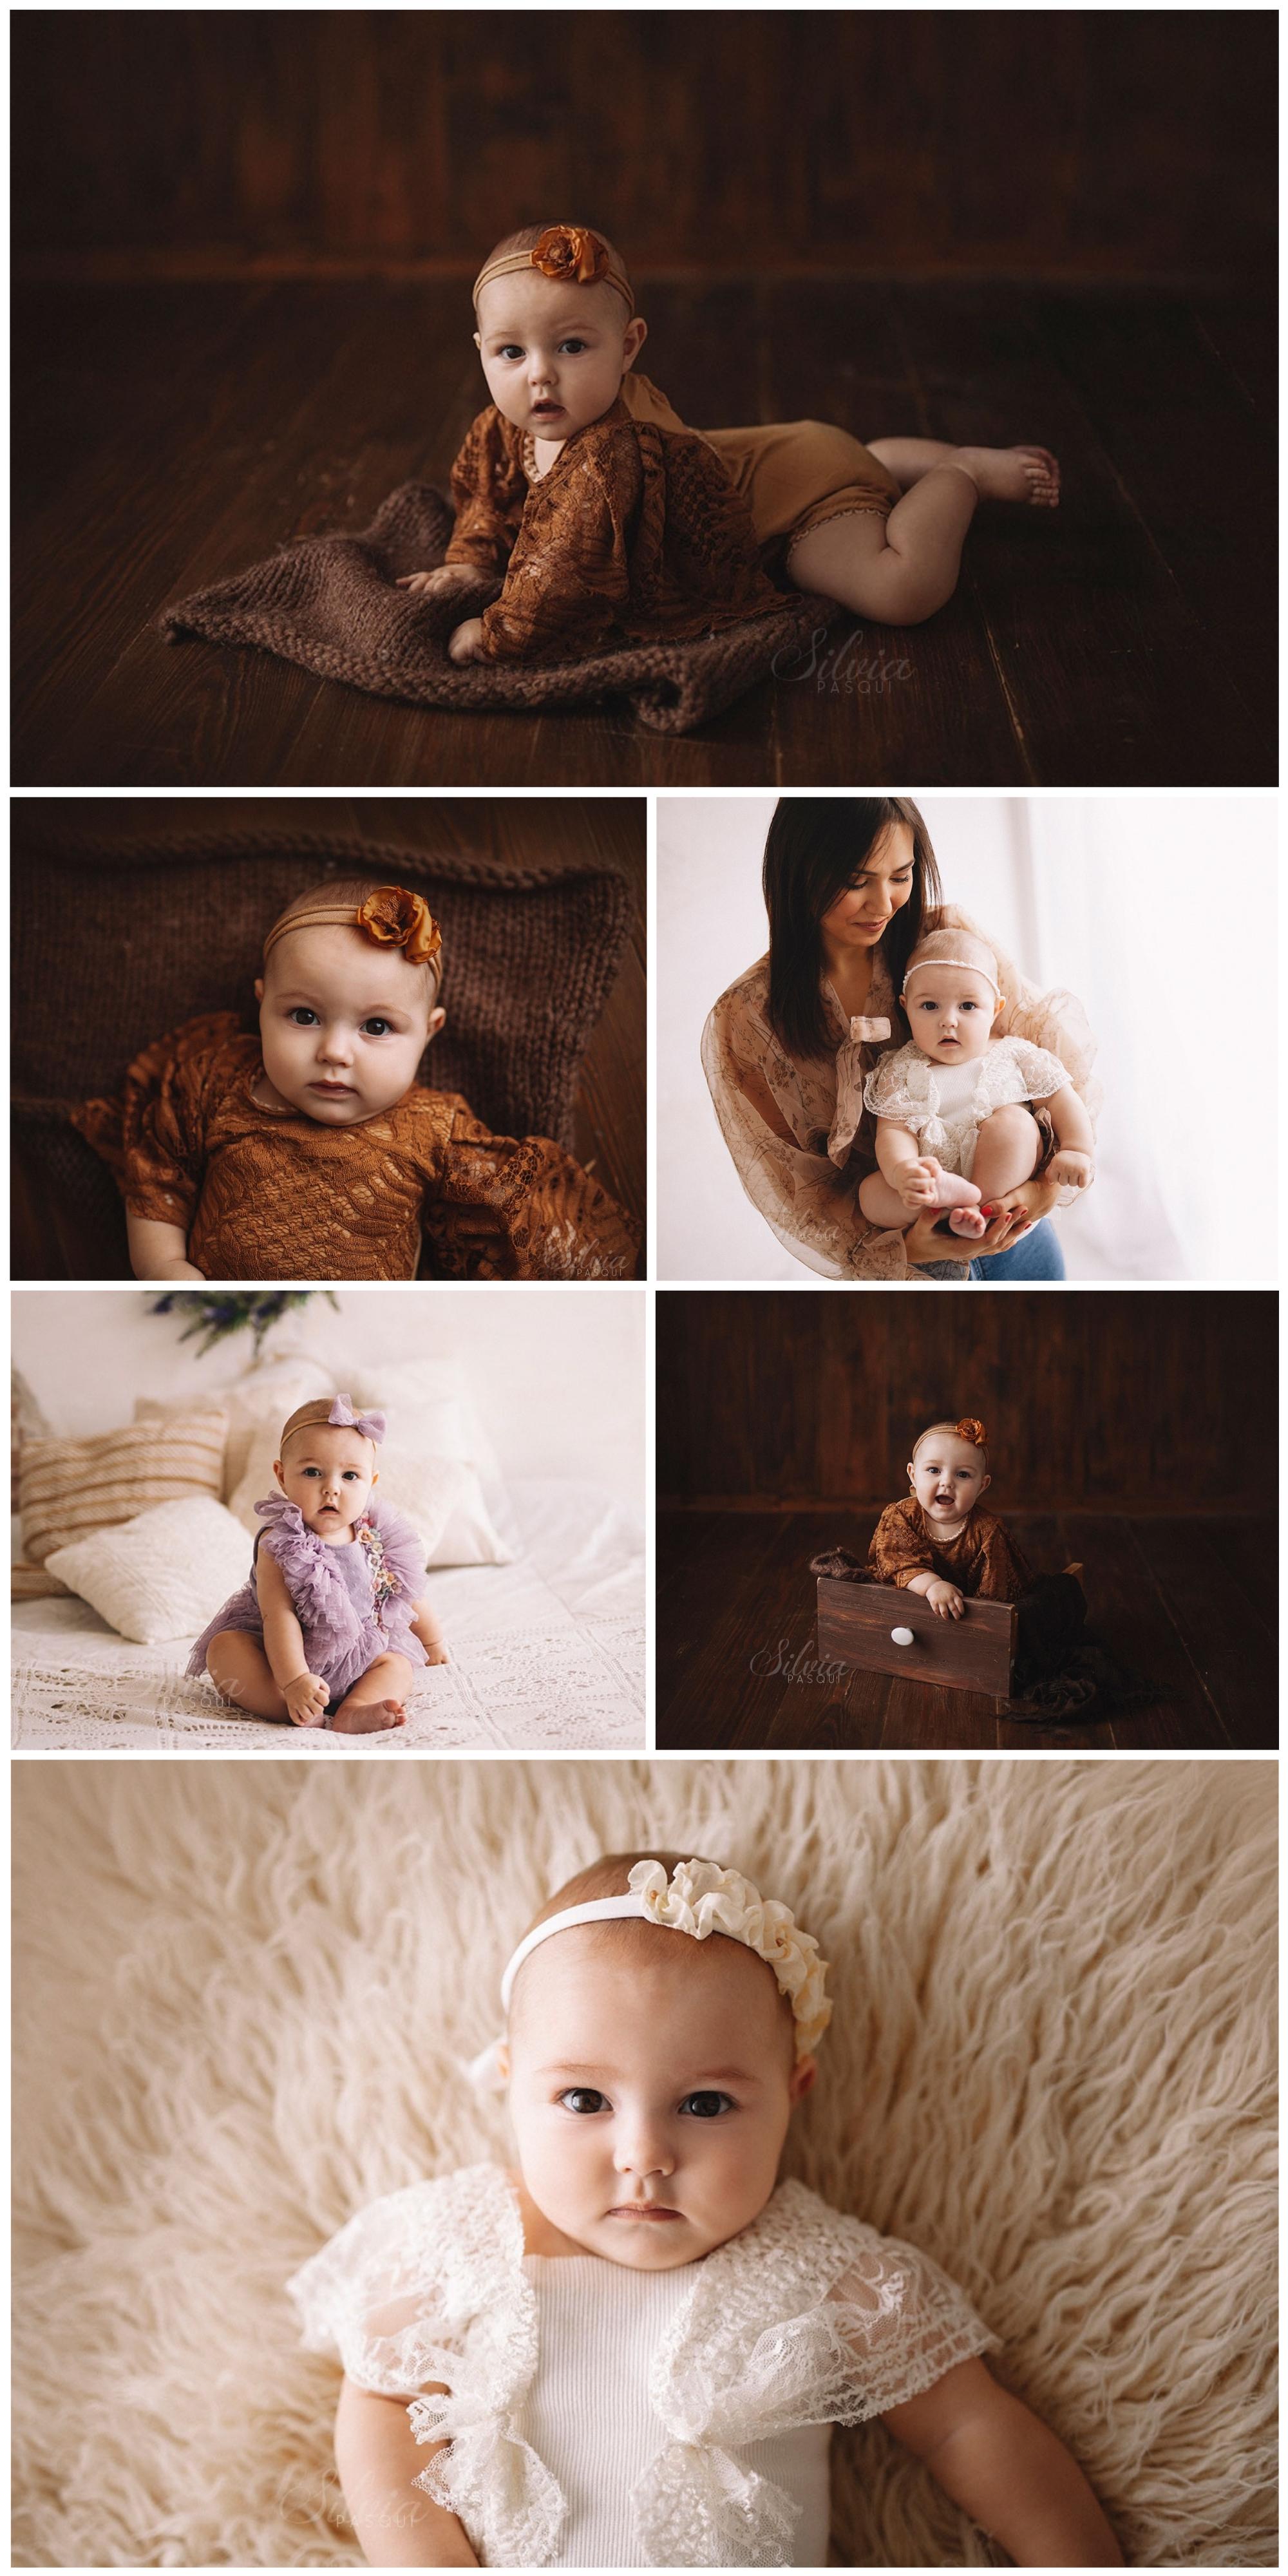 migliore-fotografa-per-bambini-roma12